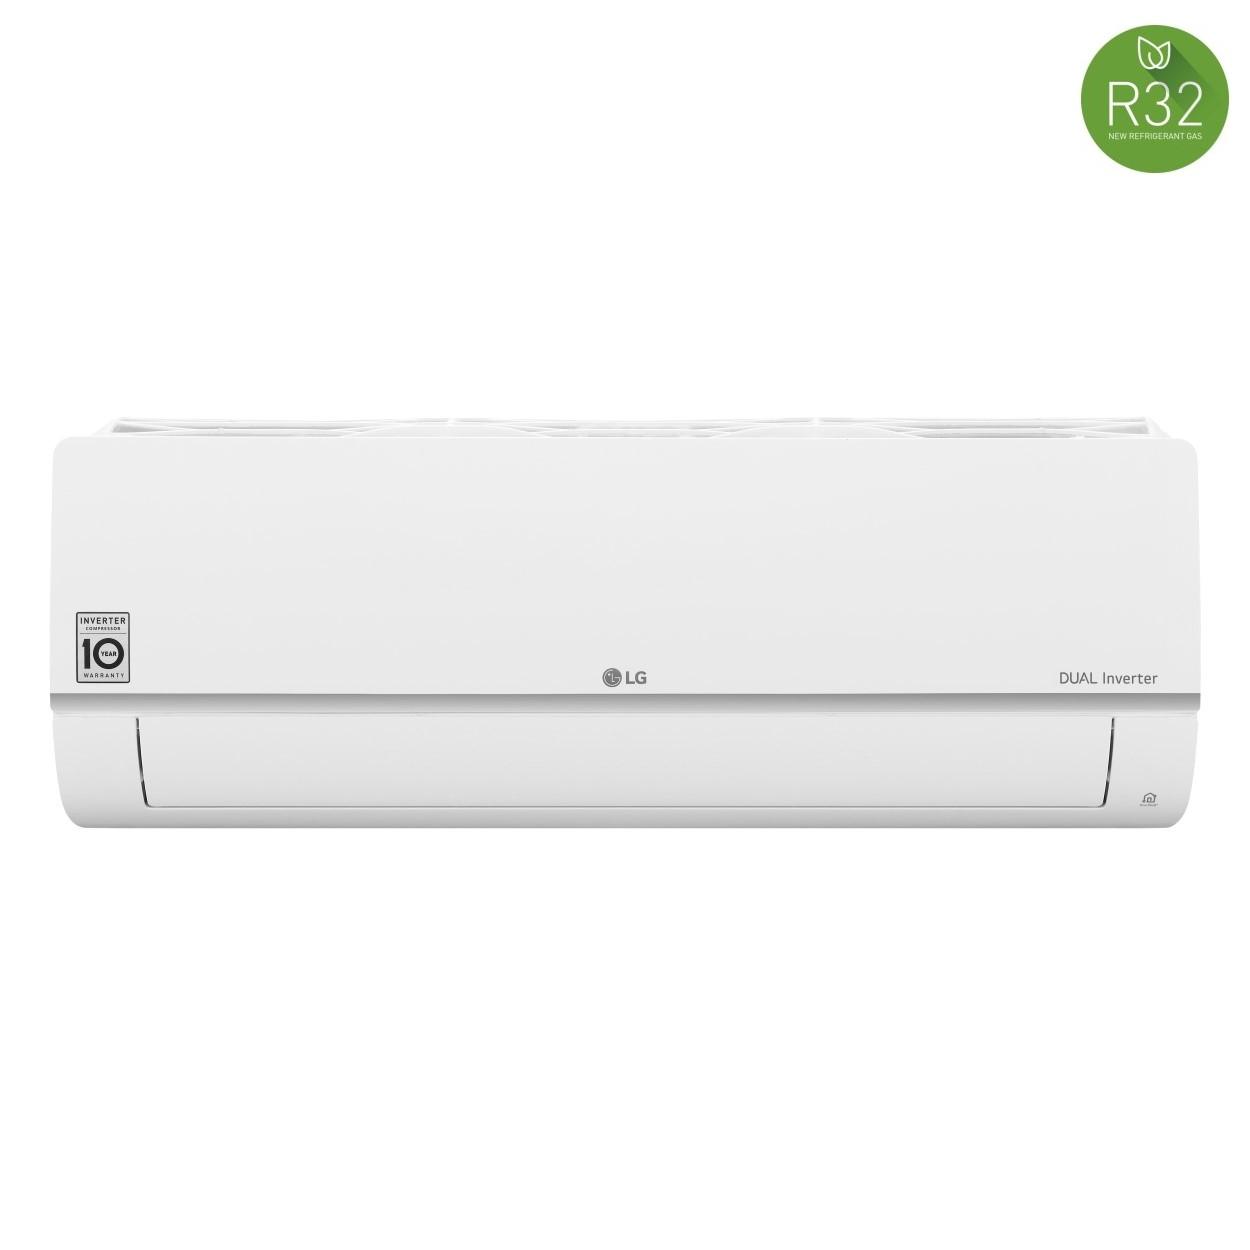 Nástěnná klimatizace LG Standard Plus R32 PC18SQ